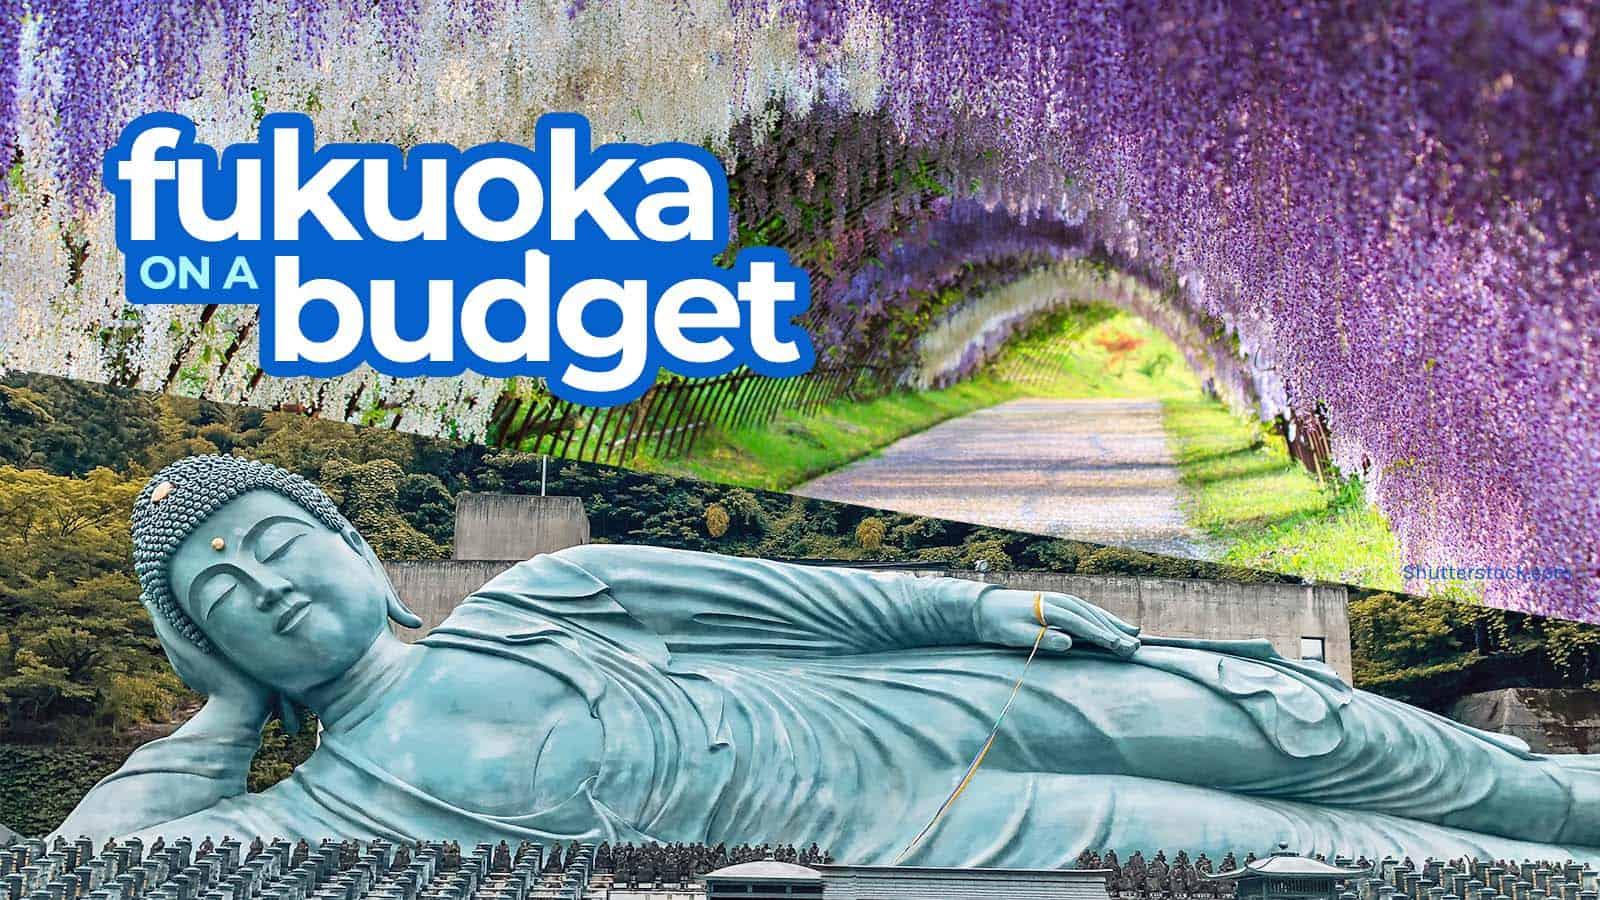 福冈旅游指南。预算行程,可做之事   穷游者的行程博客